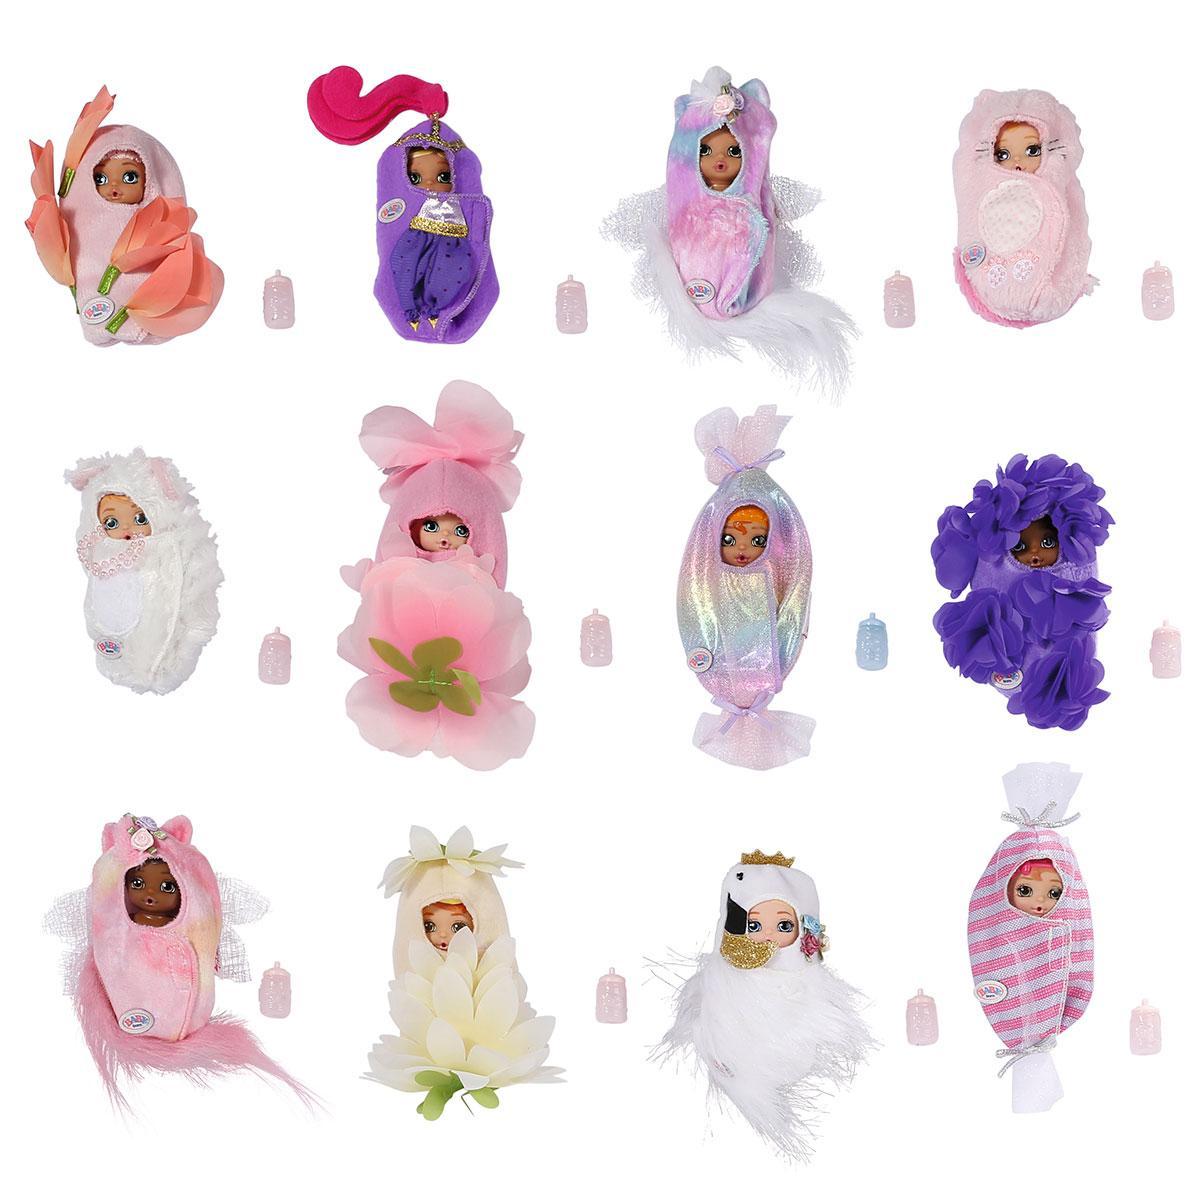 Игровой набор с куклой Baby Born Дивный сад - серии Очаровательный сюрприз, 904244